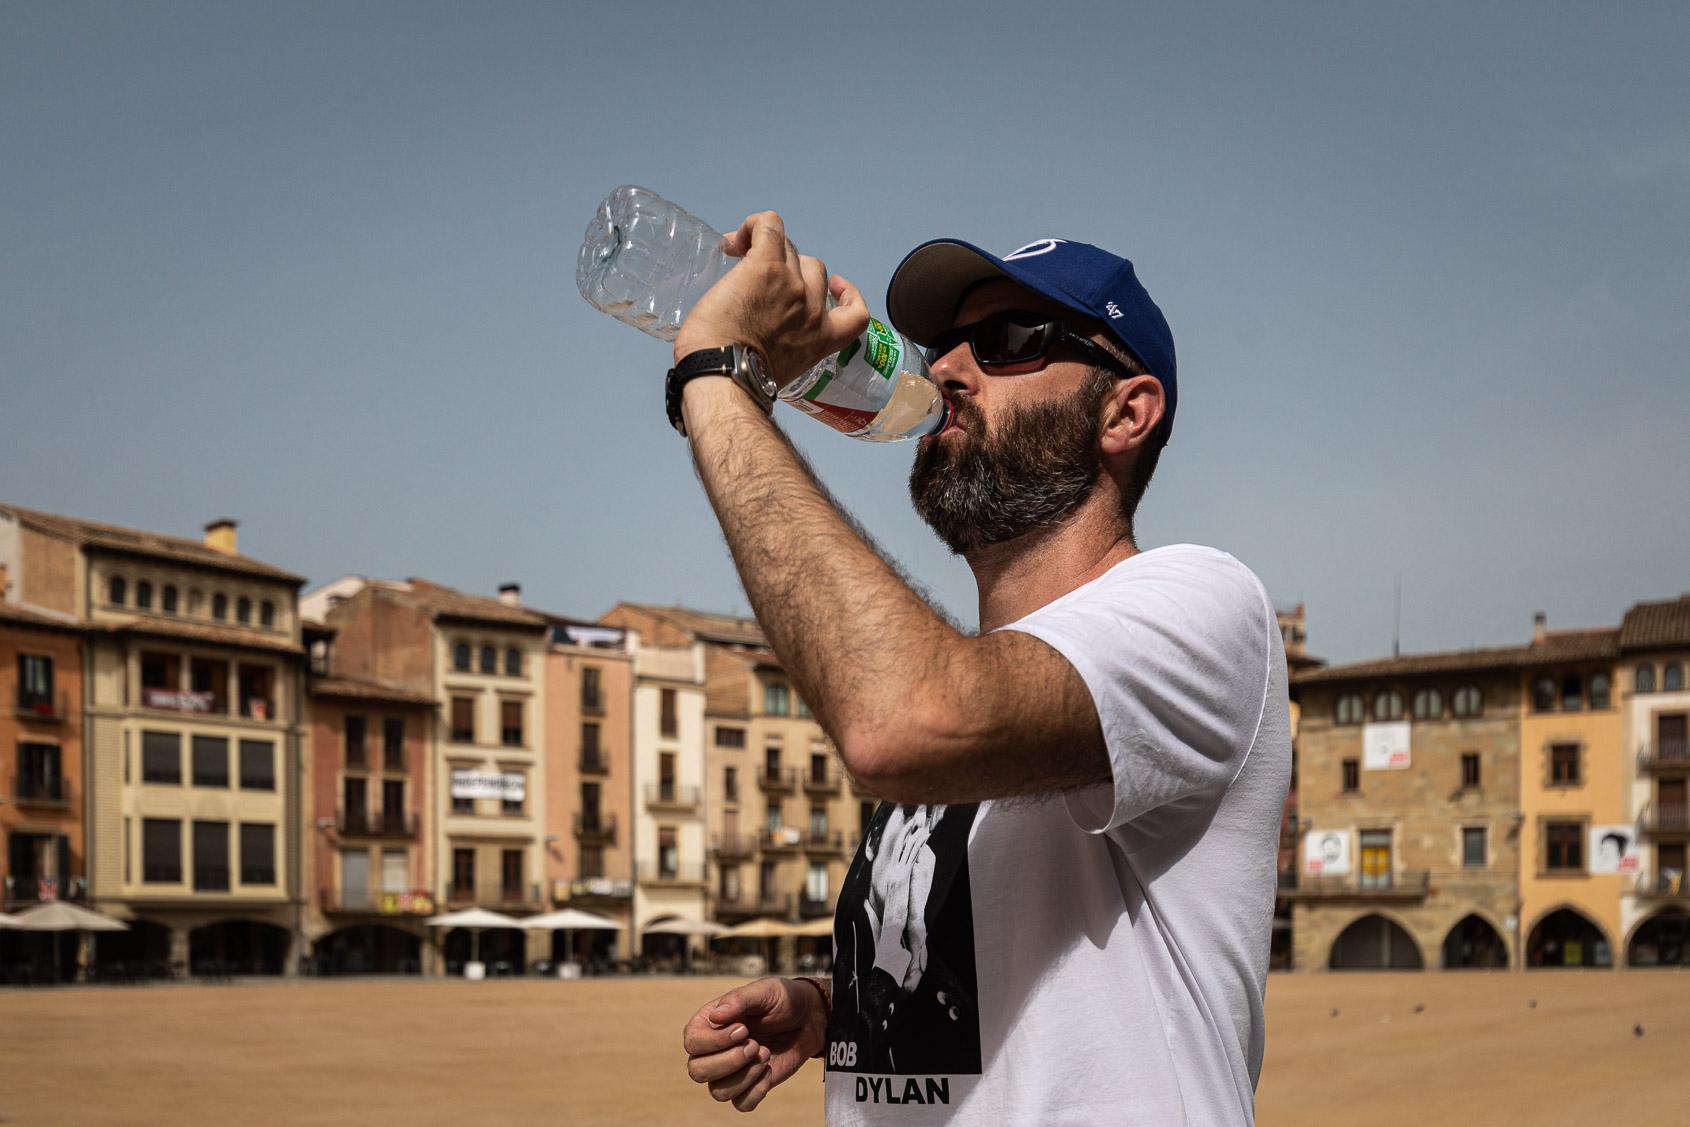 Un vianant beu aigua a la plaça Major de Vic, deserta en plena onada de calor / Jordi Borràs